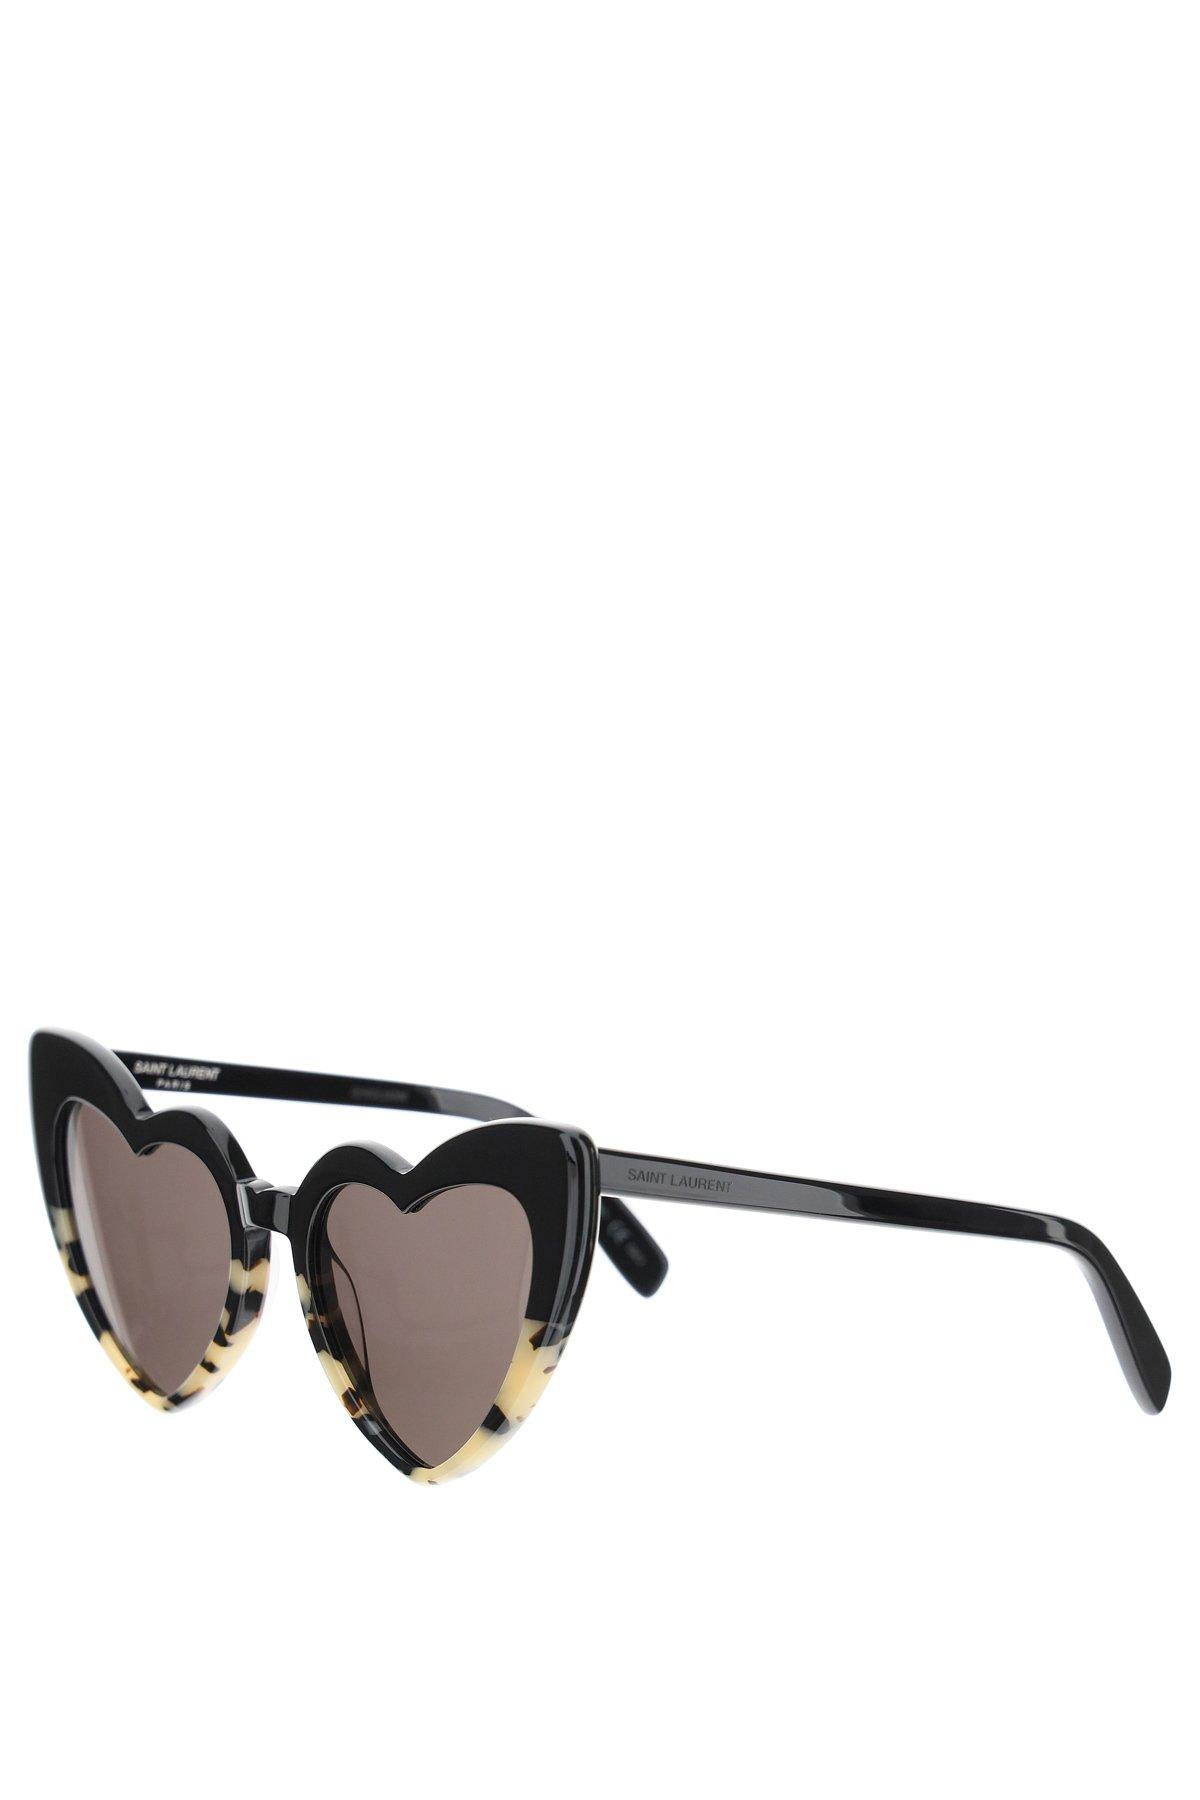 Saint laurent occhiali da sole loulou new wave sl 181